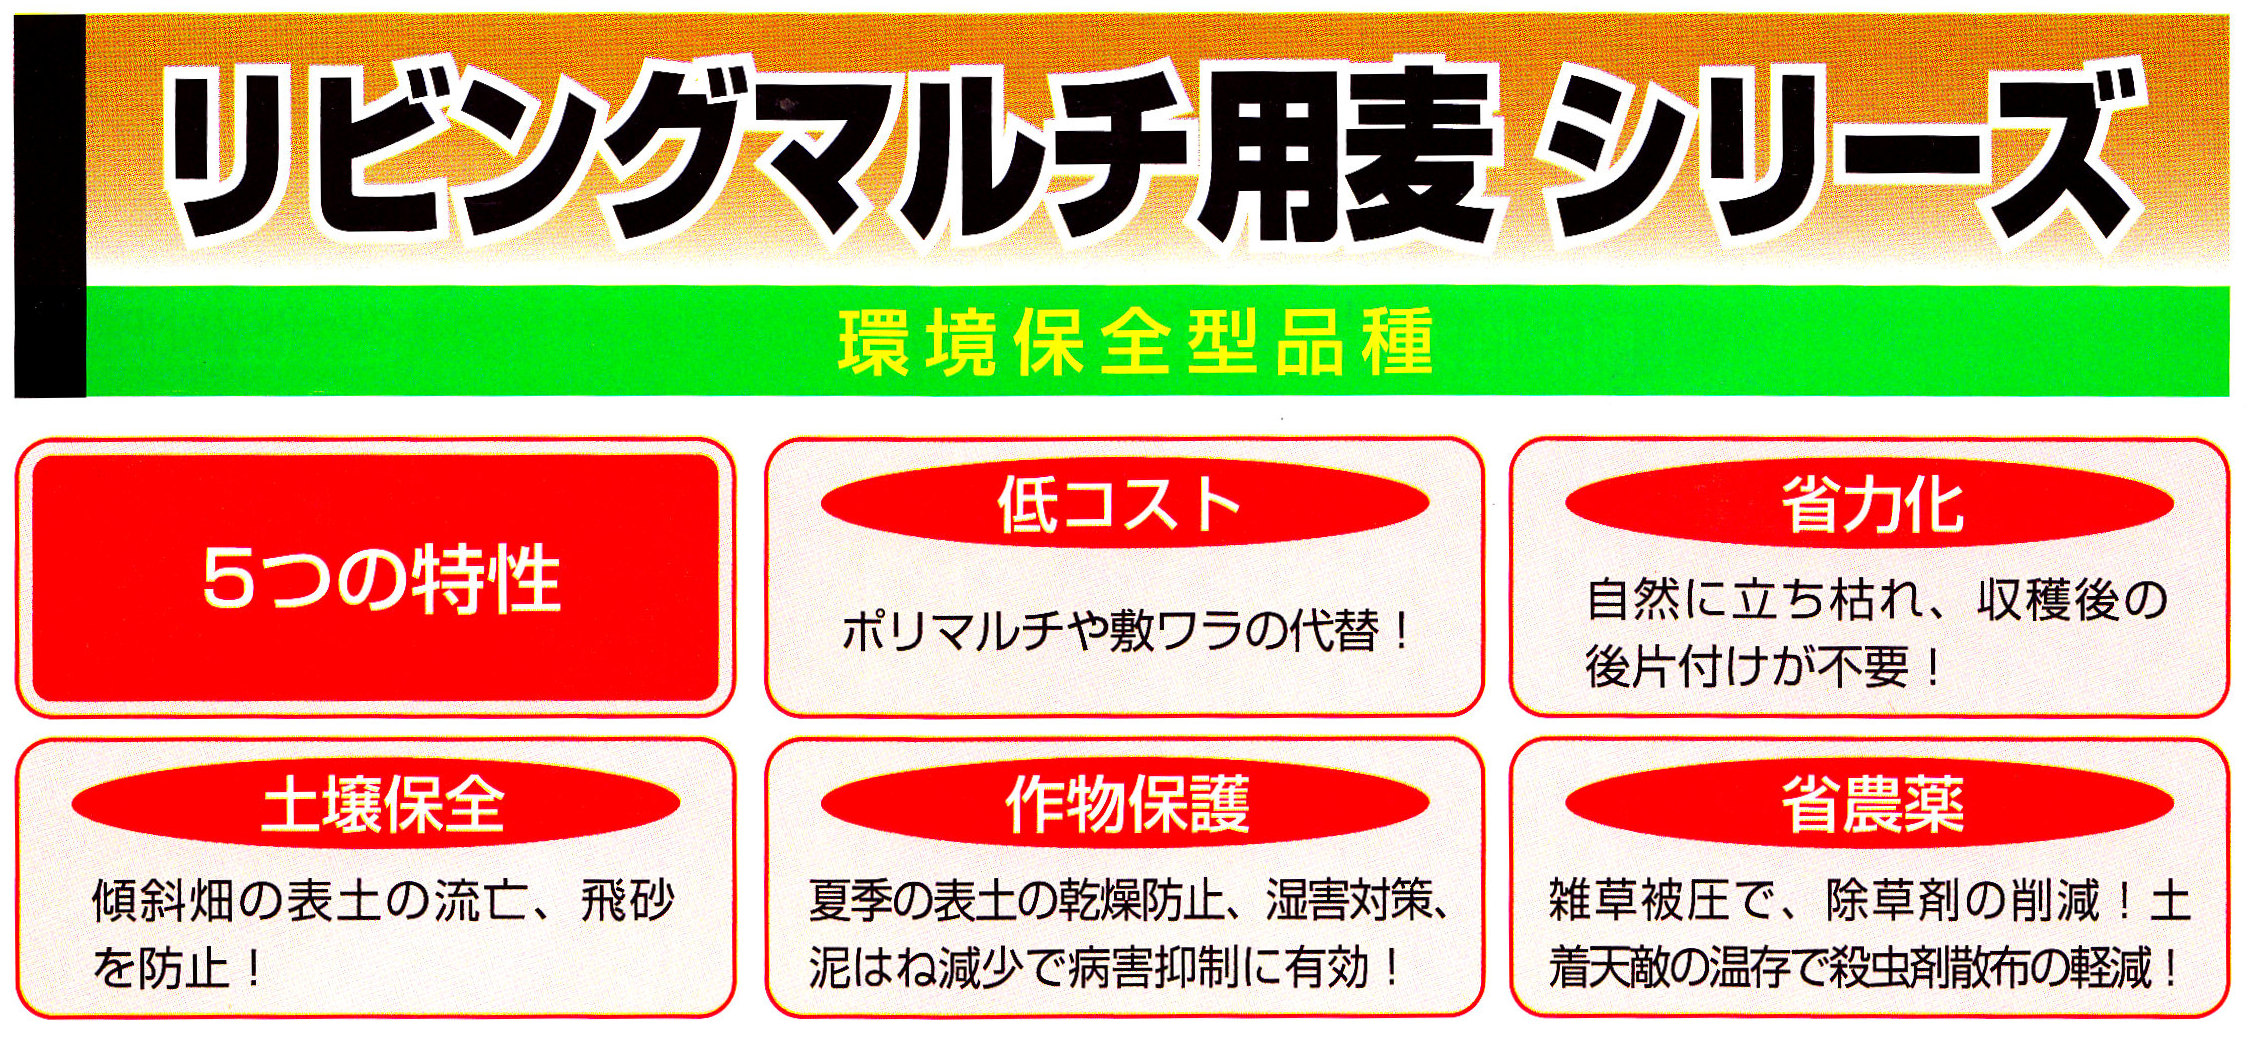 ribing-maruchi-mugi1.jpg